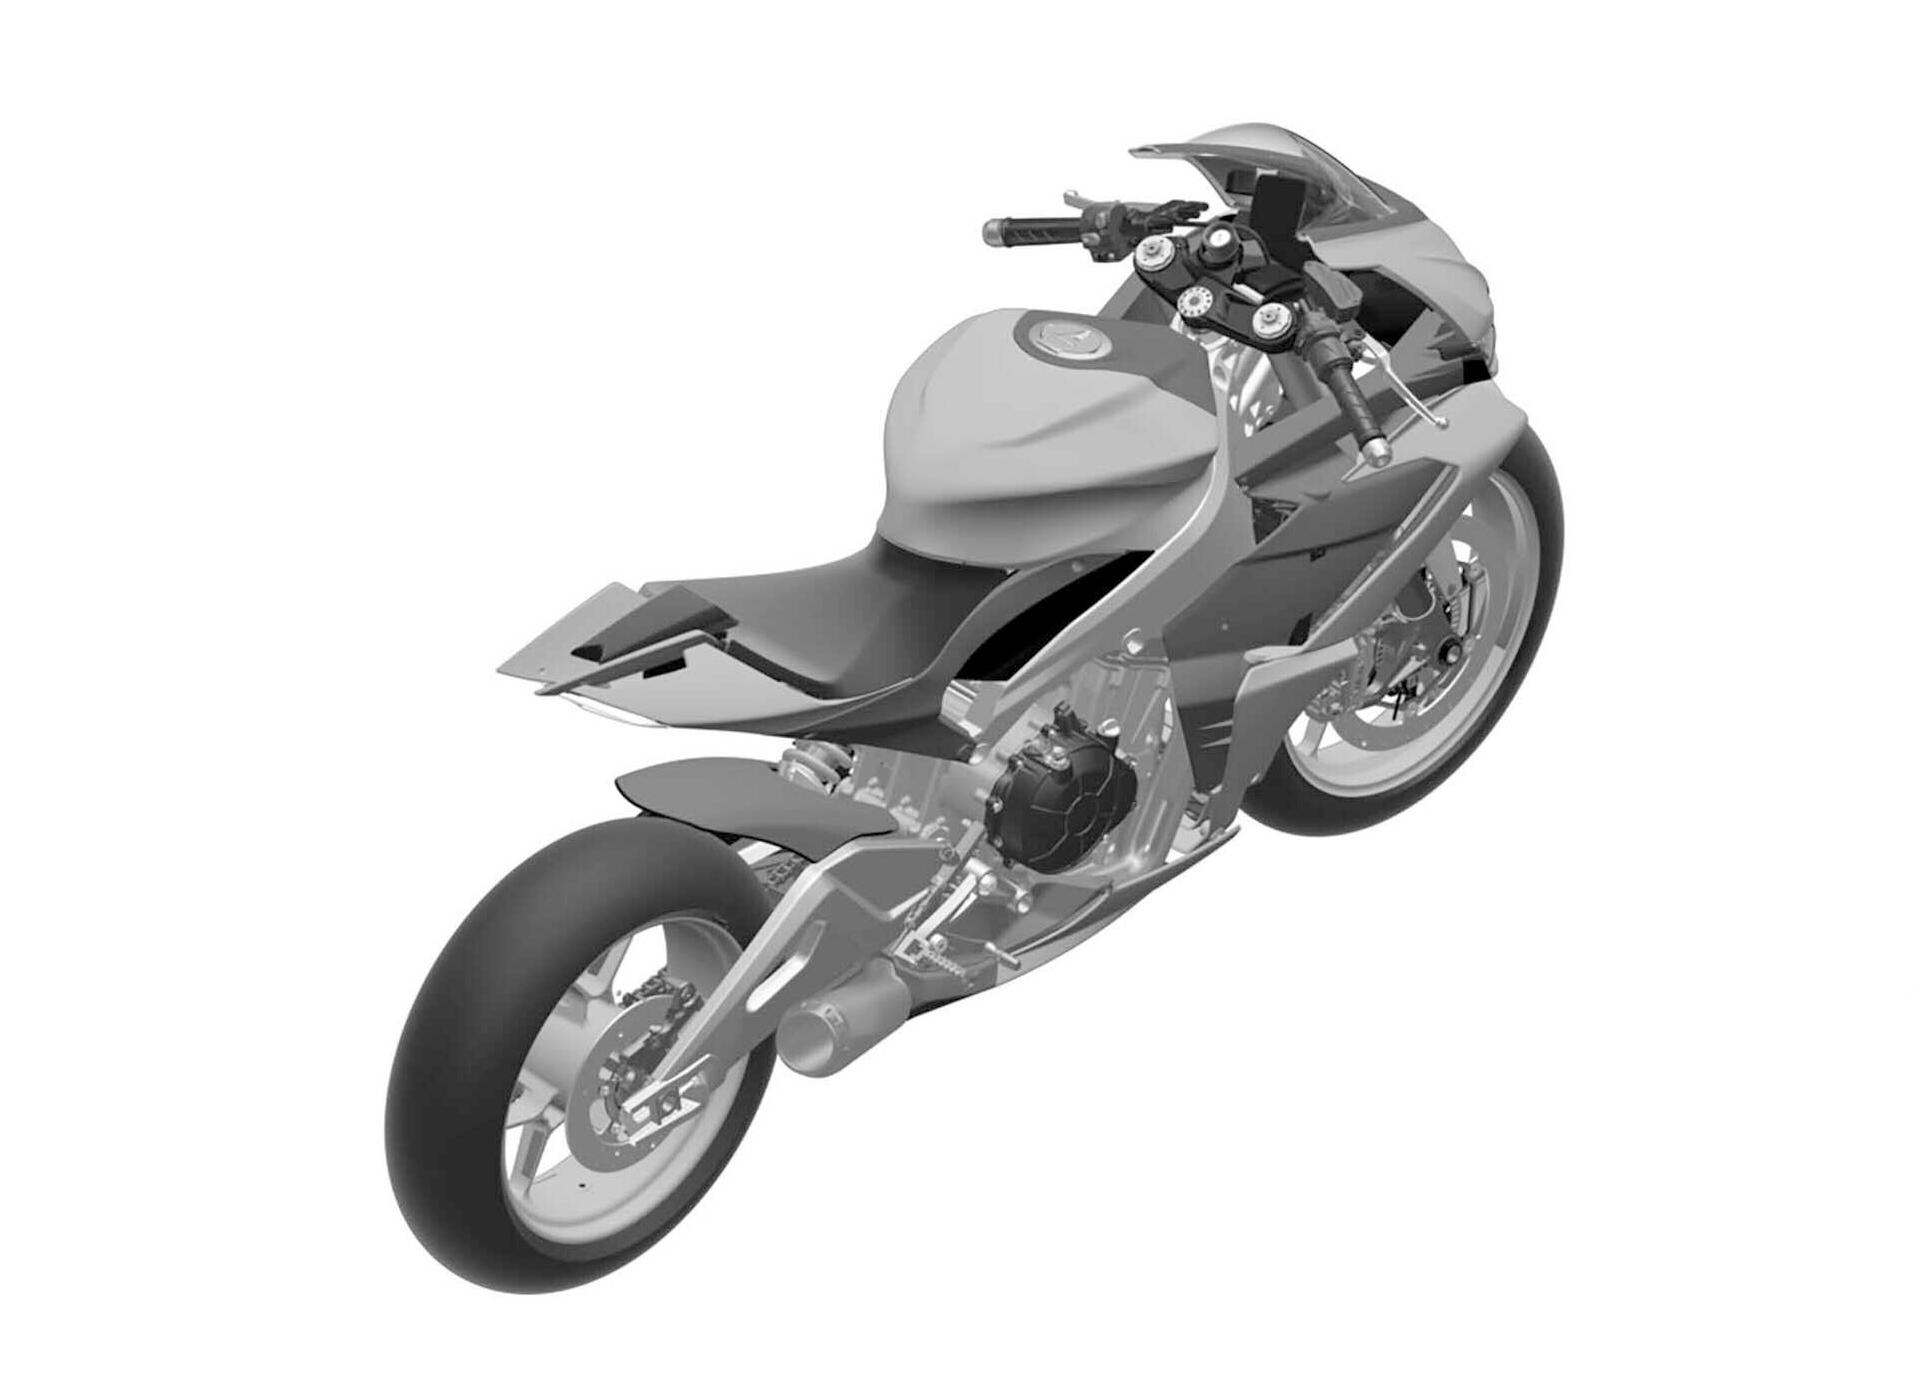 053019-2020-aprilia-rs660-concept-design-right-rear